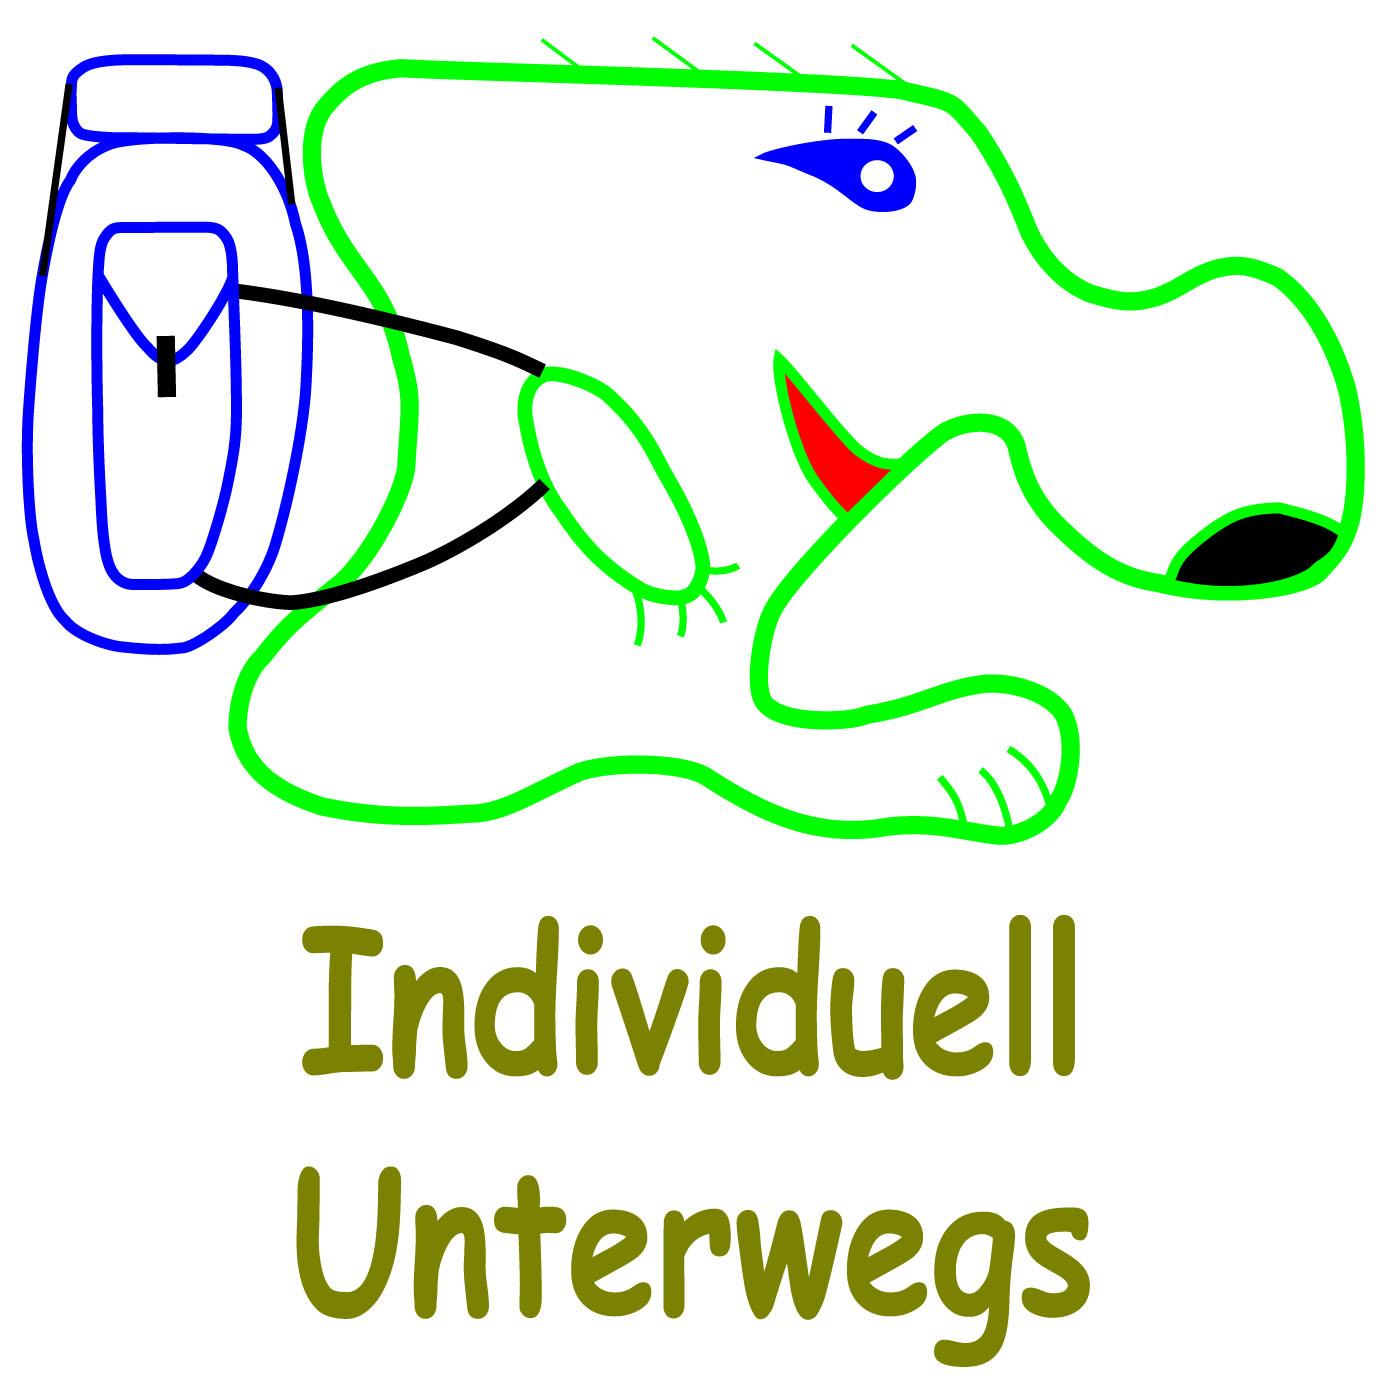 Individuell Unterwegs